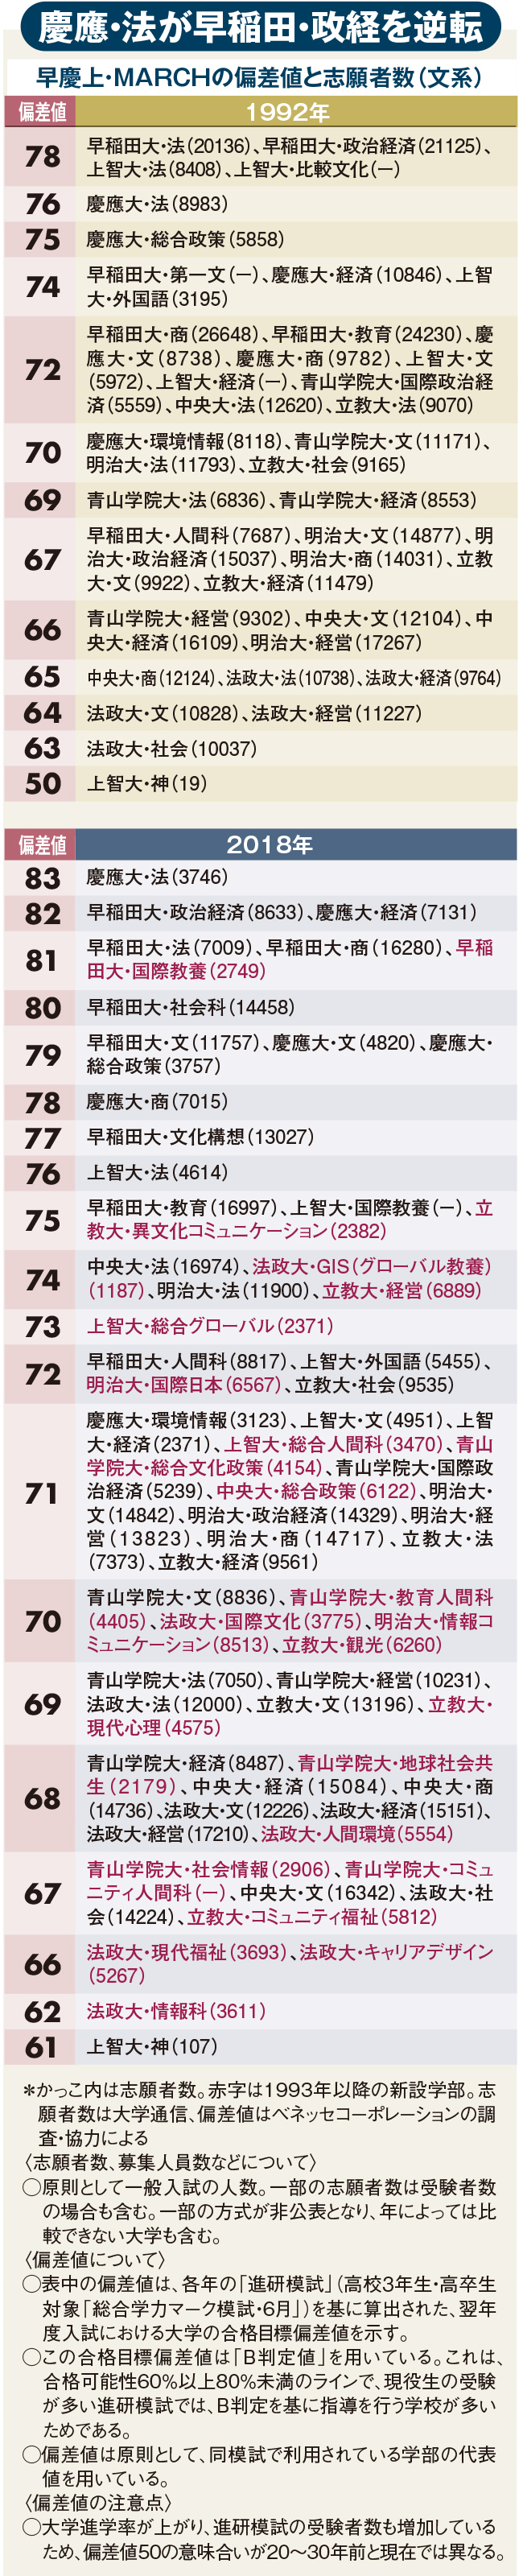 早慶上・MARCHの偏差値と志願者数(文系)の図